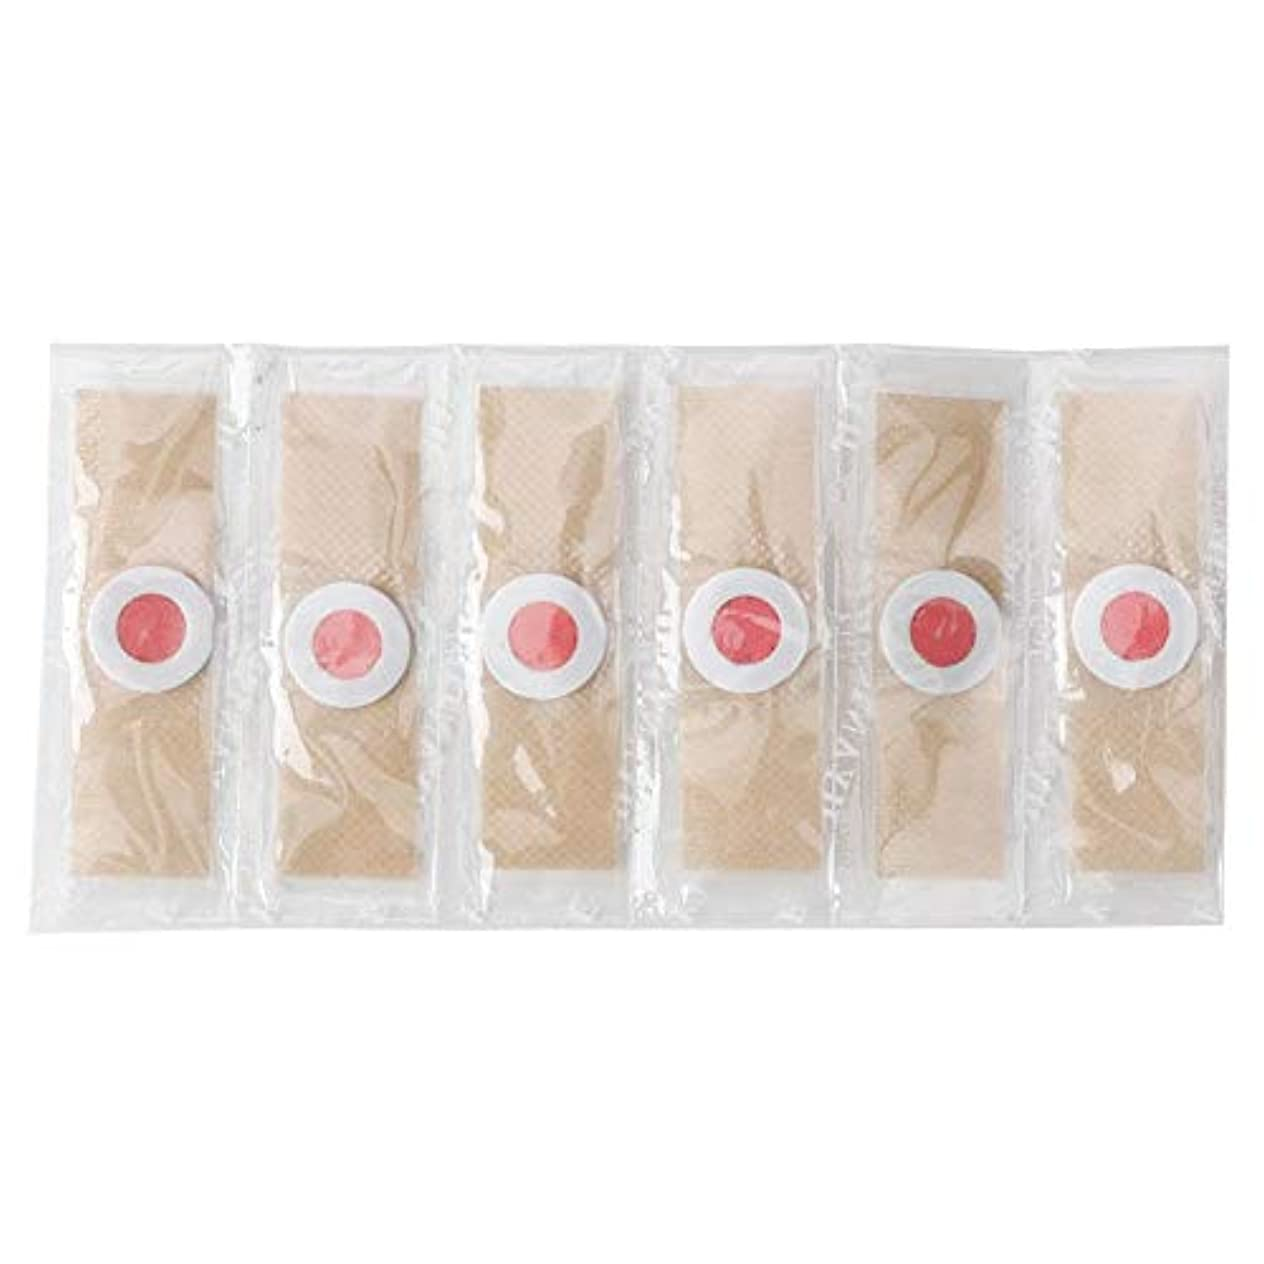 代数的抜粋相互トウモロコシ除去剤、足カルス除去石膏クッション用ソフト肌の皮保護つま先ケア痛み6個/箱